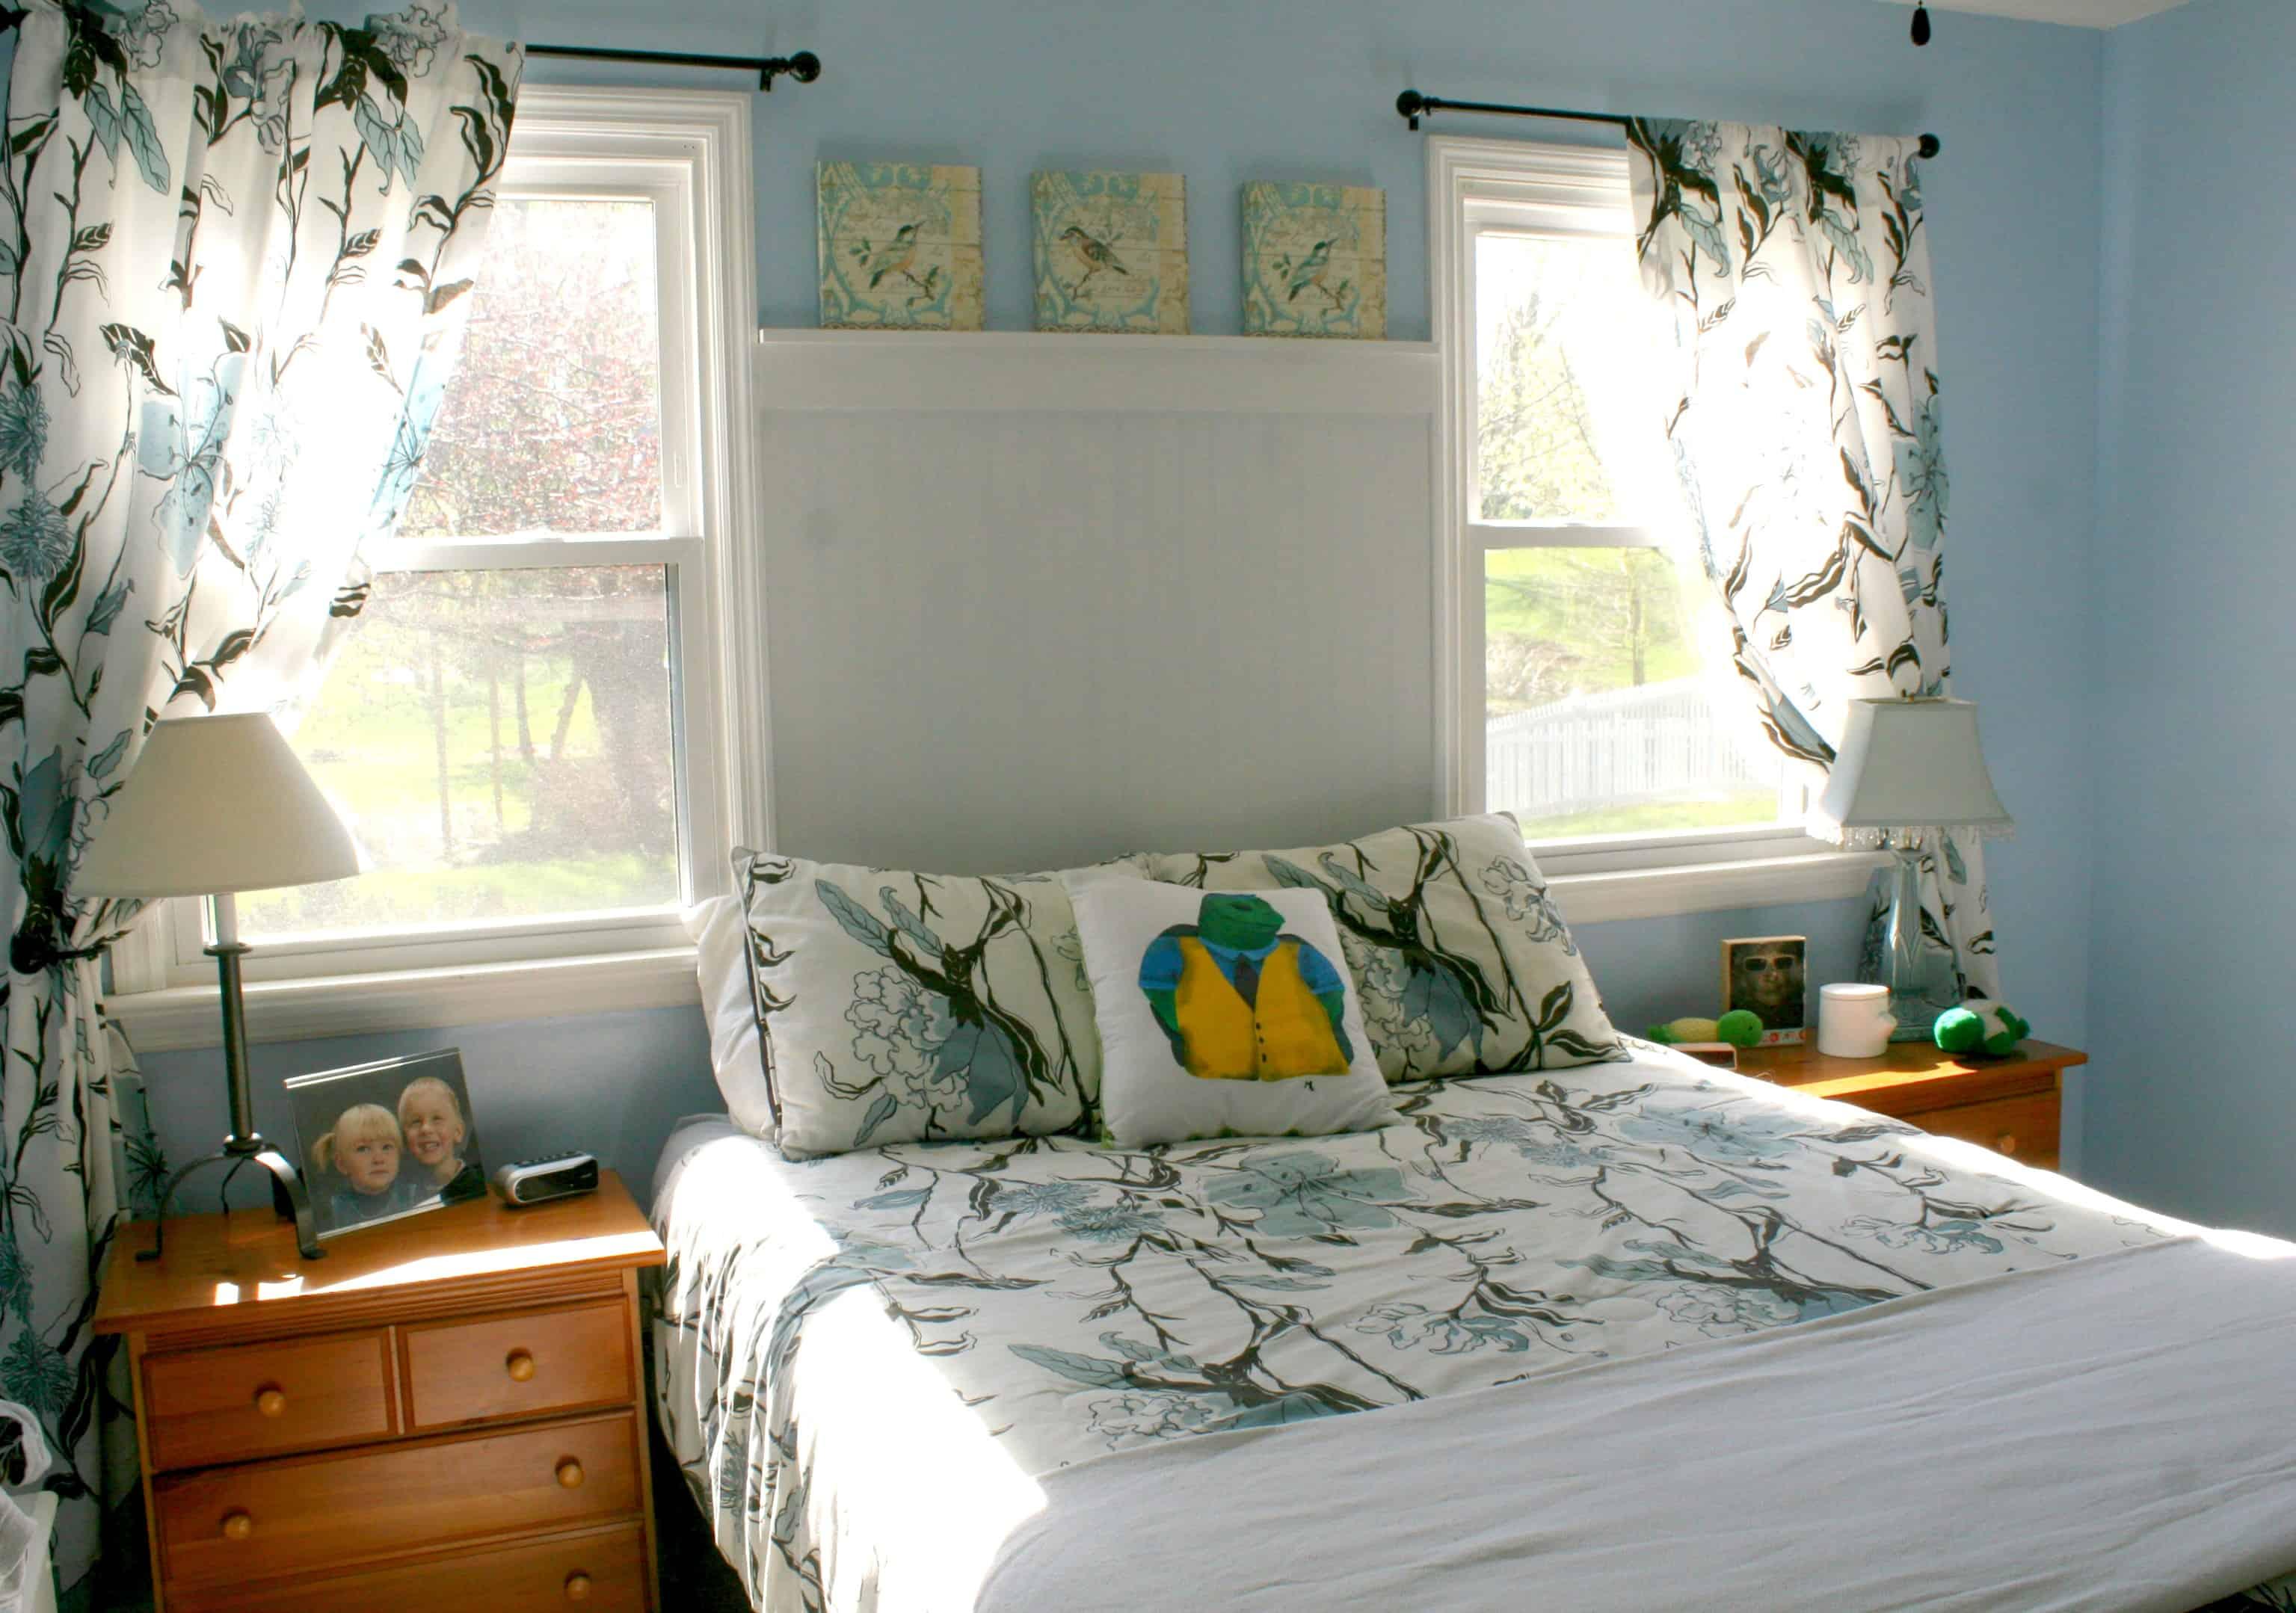 master bedroom makeover part 1 a turtle 39 s life for me. Black Bedroom Furniture Sets. Home Design Ideas